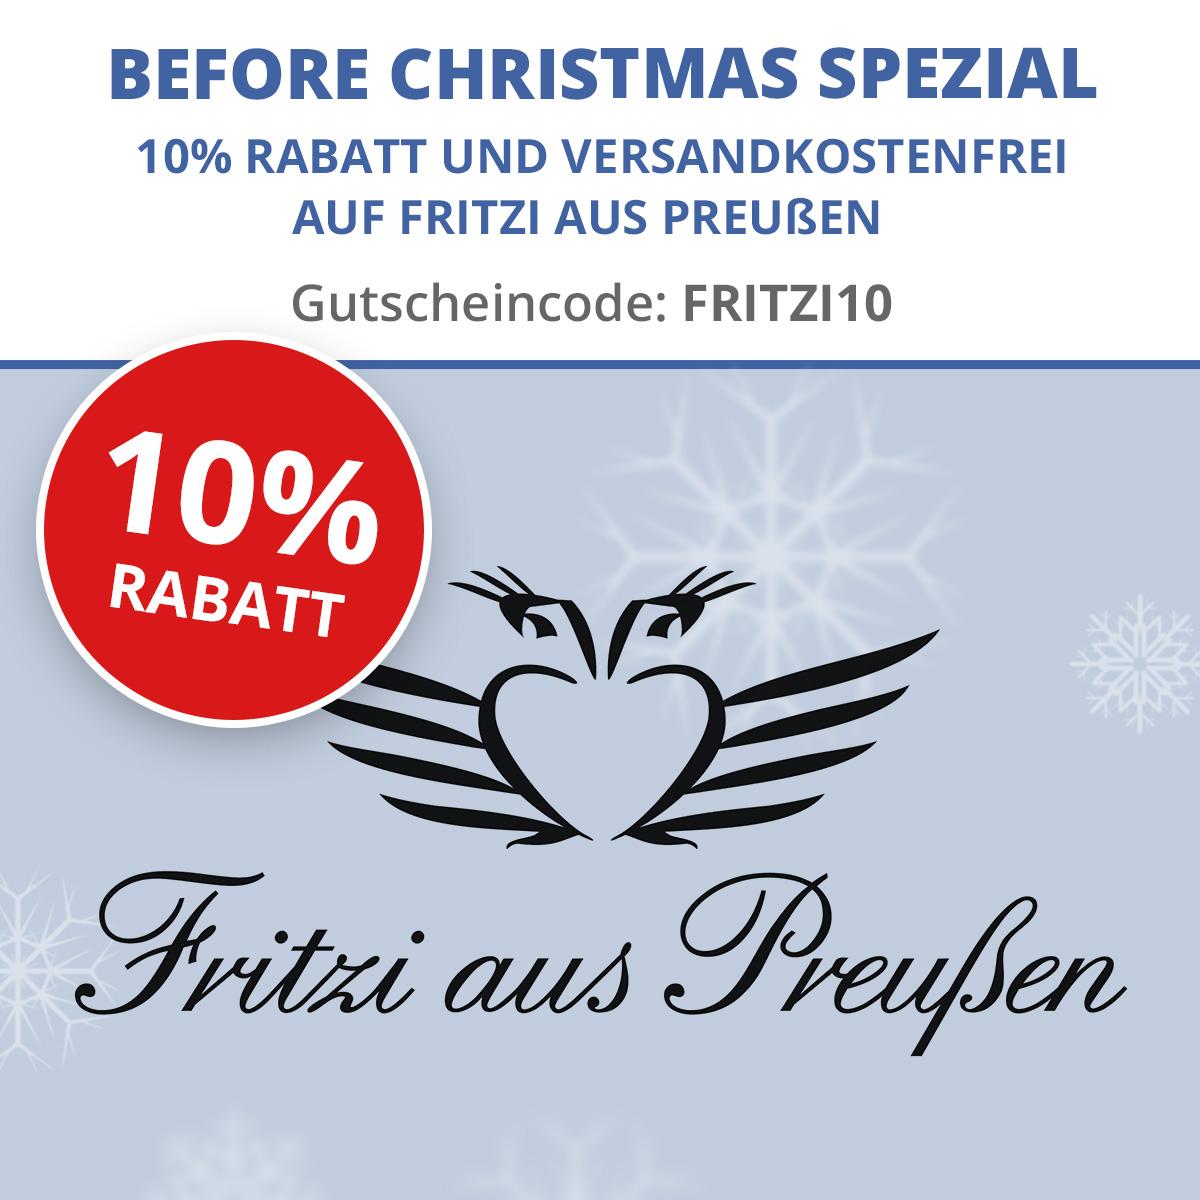 10% Rabatt und Versandkostenfrei auf alle Artikel der Marke Fritzi von Preußen